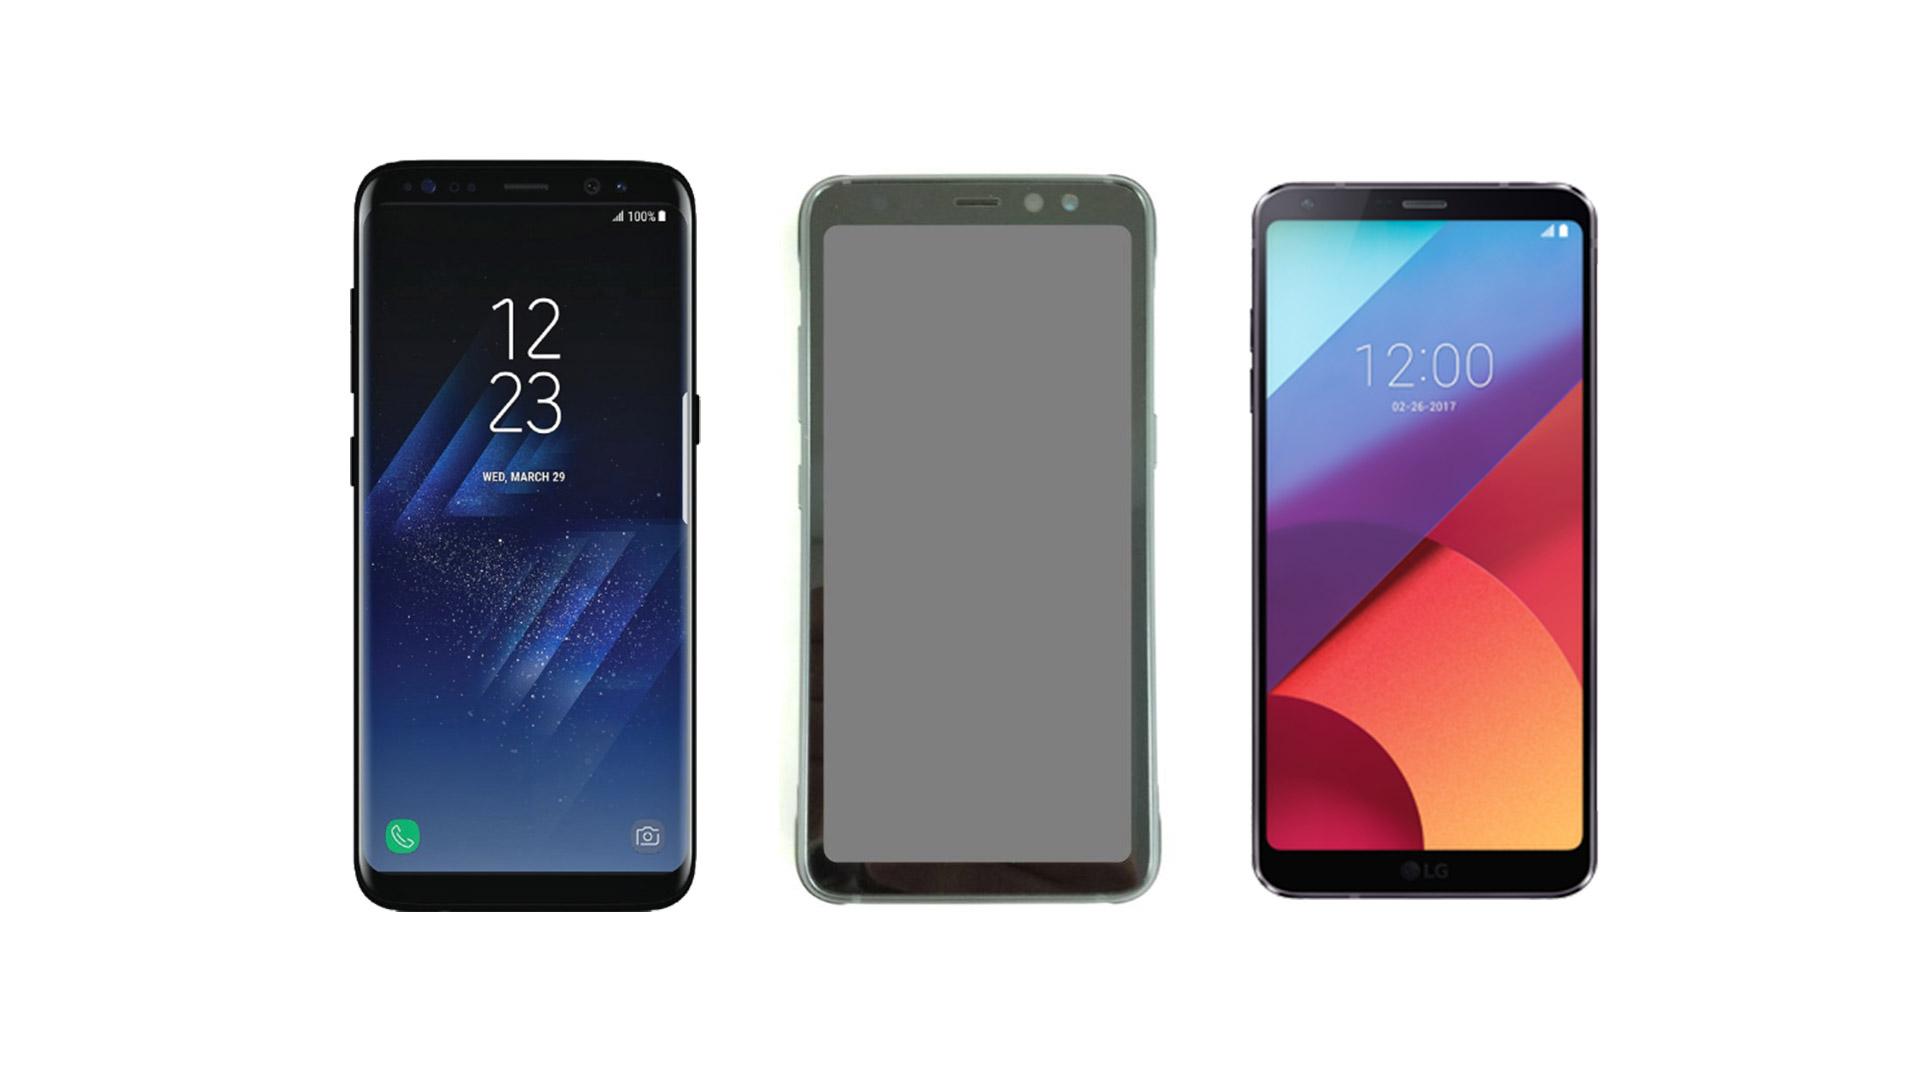 Samsung Galaxy S8 Active : le smartphone des baroudeurs se montre en image